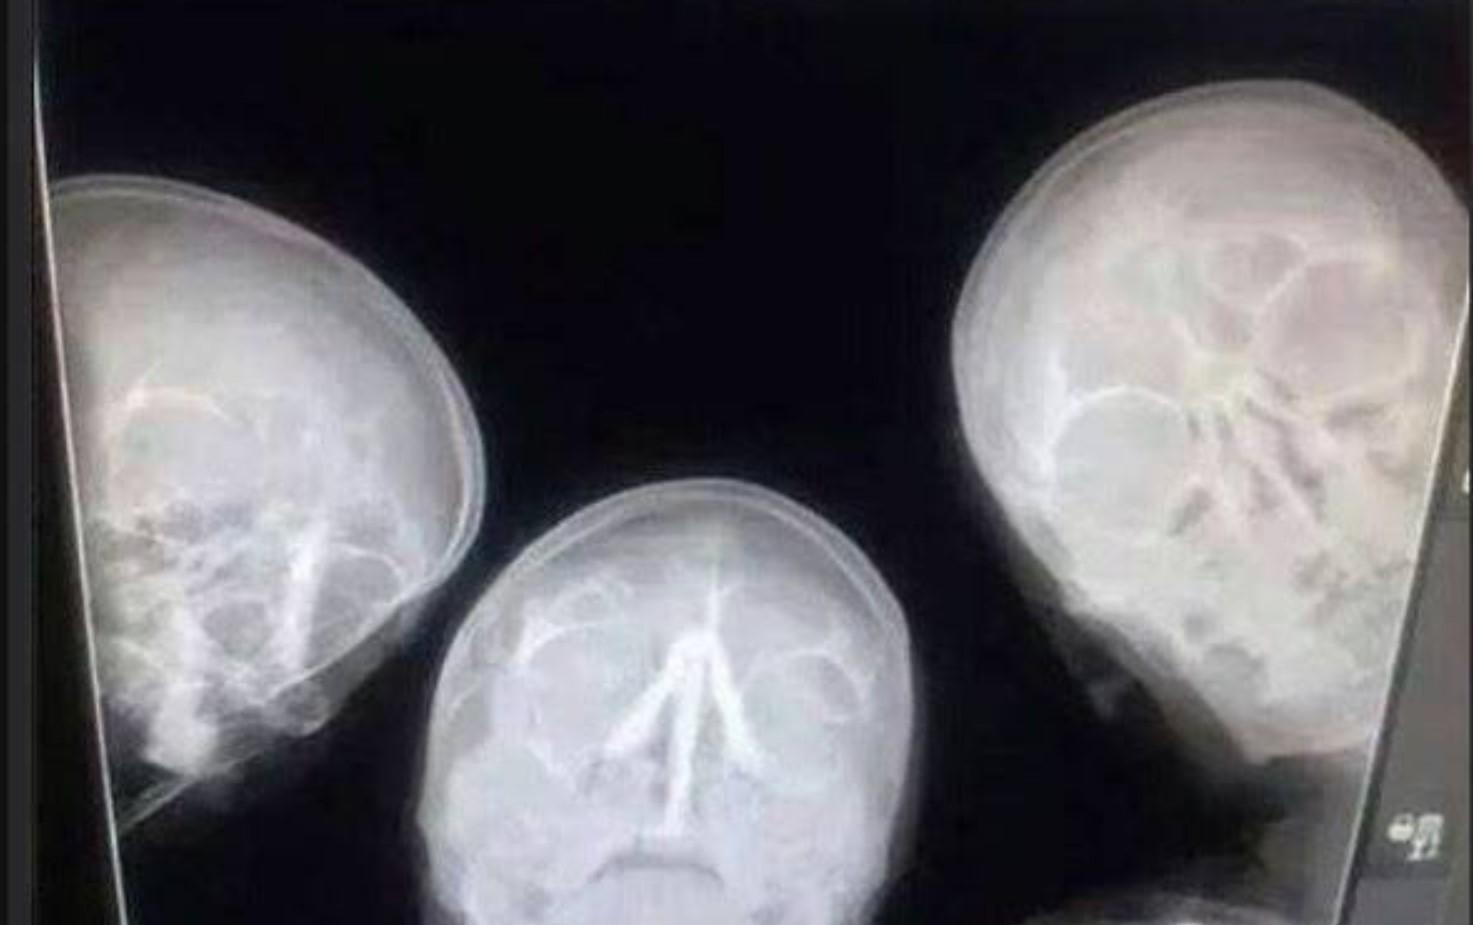 Учёные ищут способ снизить количество радиации при рентгеновских снимках - 1